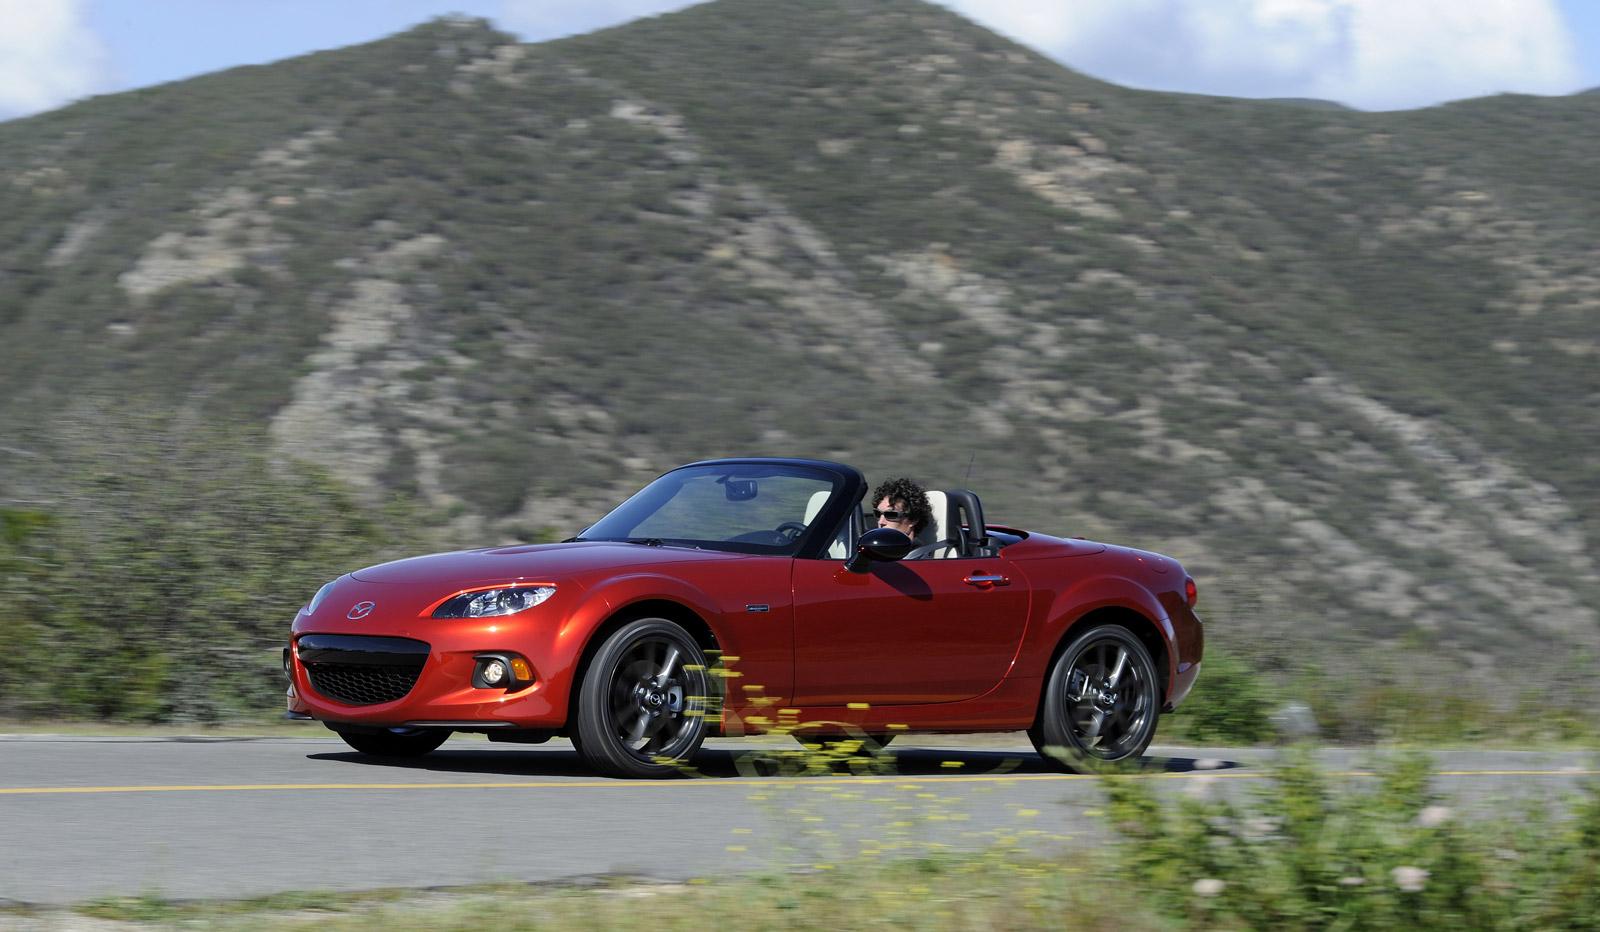 Kelebihan Kekurangan Mazda Mx5 2015 Perbandingan Harga